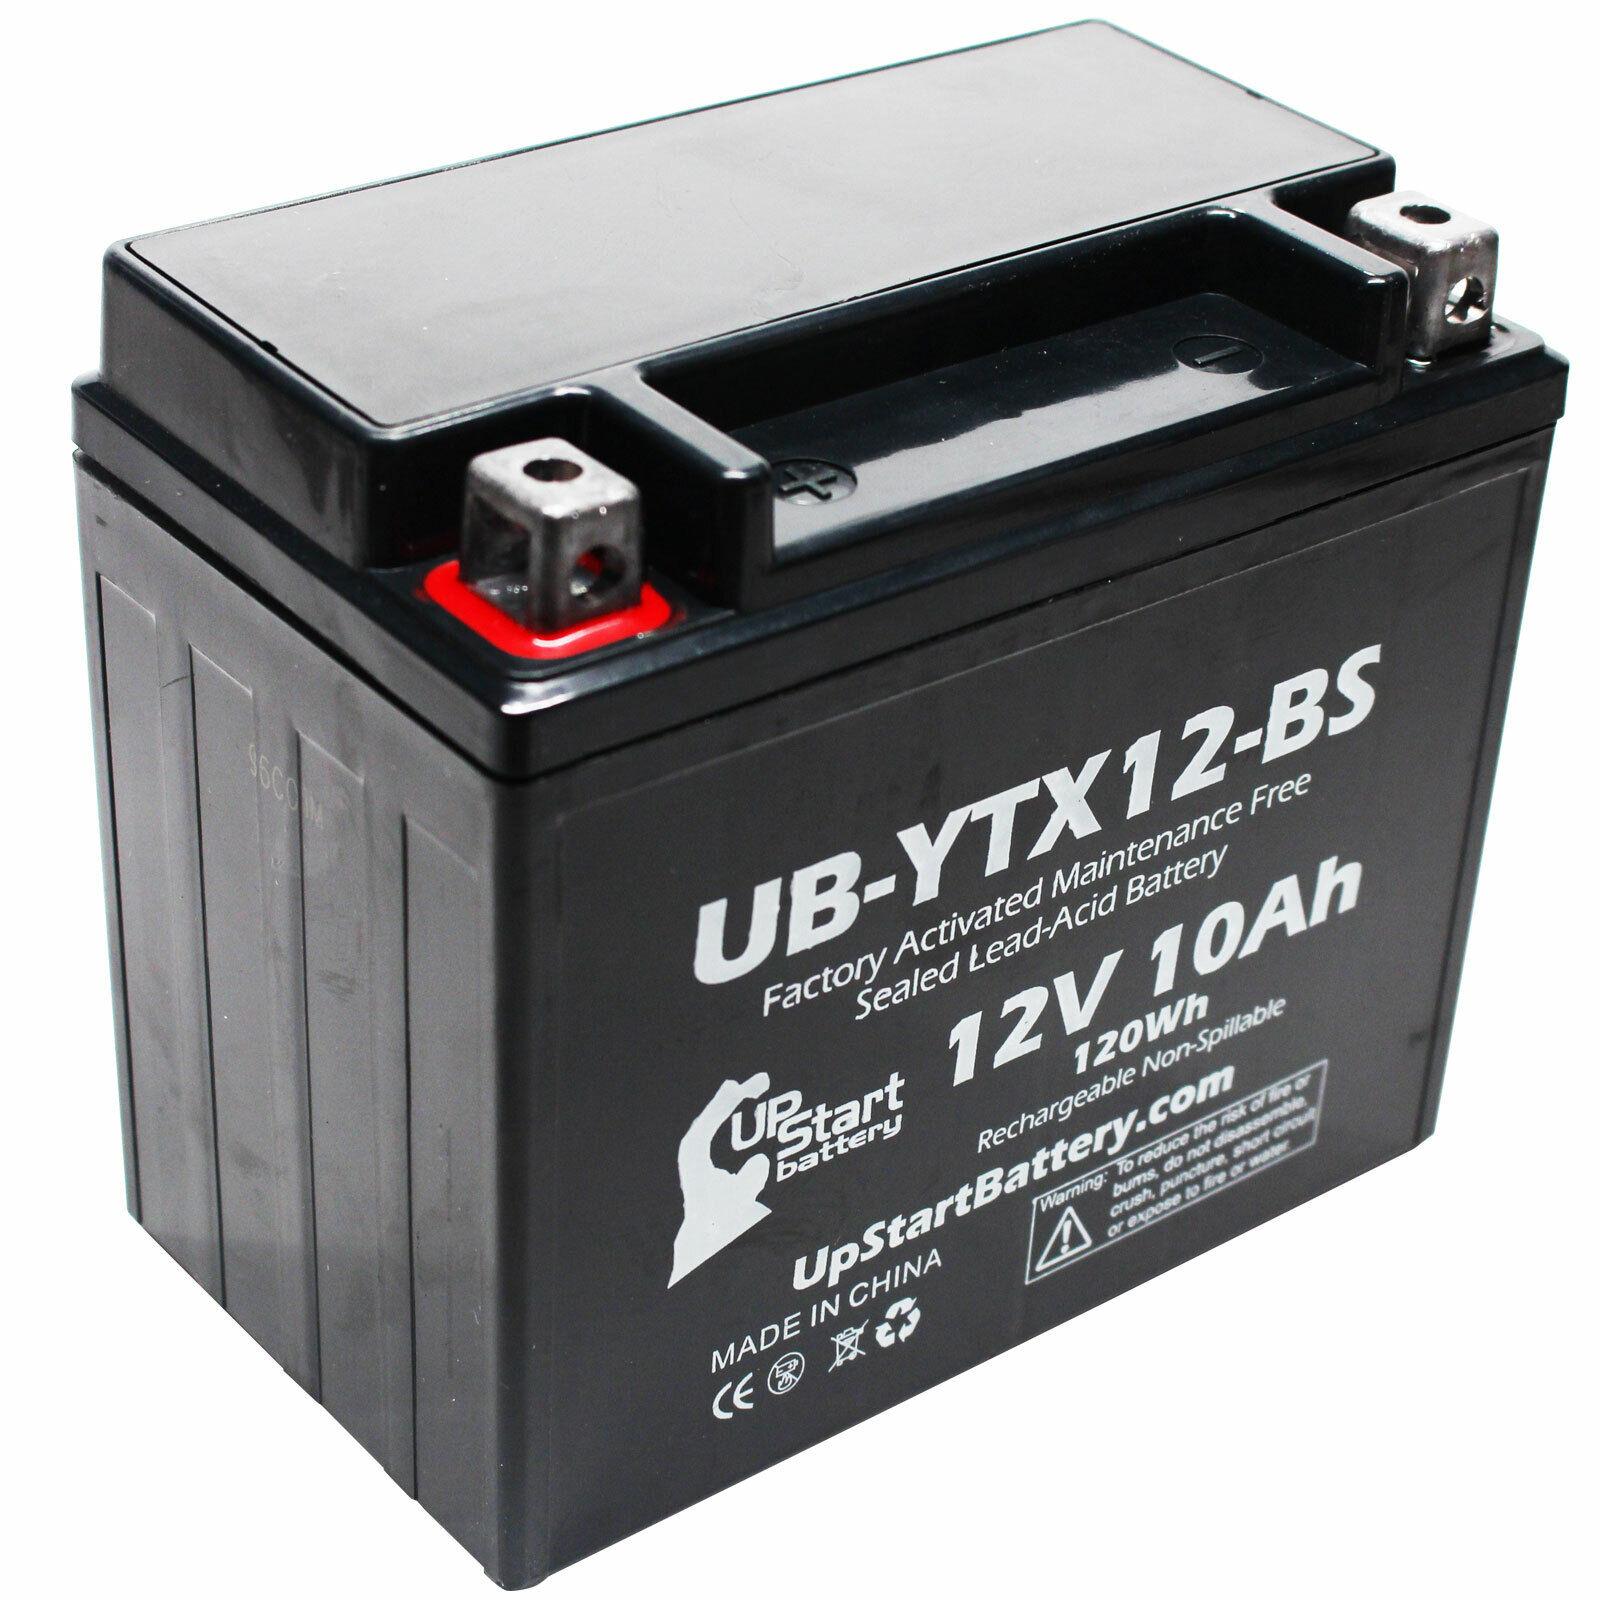 12V 10Ah Battery for 1986 Honda CH250 Elite 250 CC